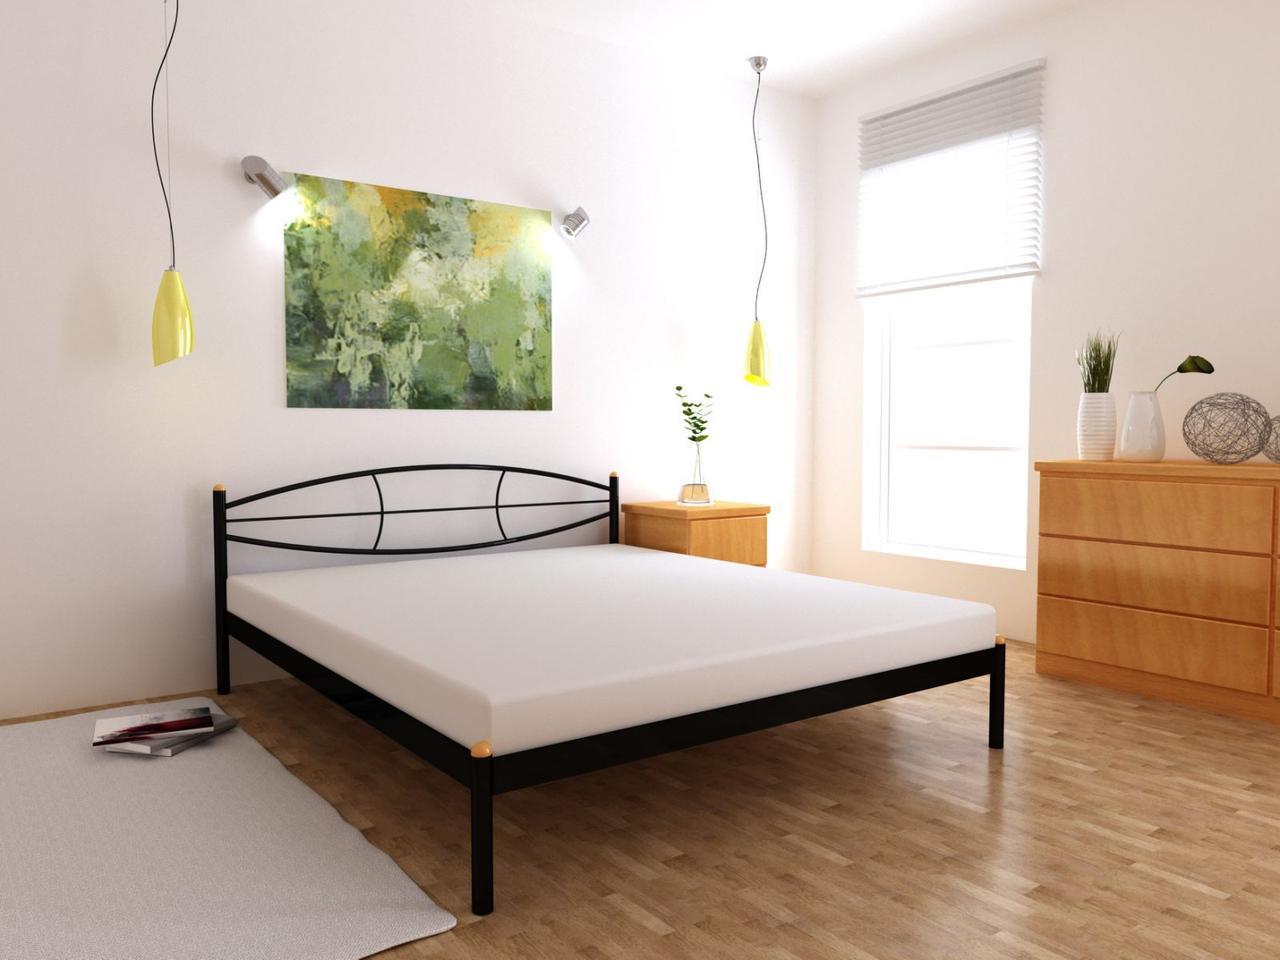 Металлическая кровать Аура 120х190 см ТМ MegaOpt